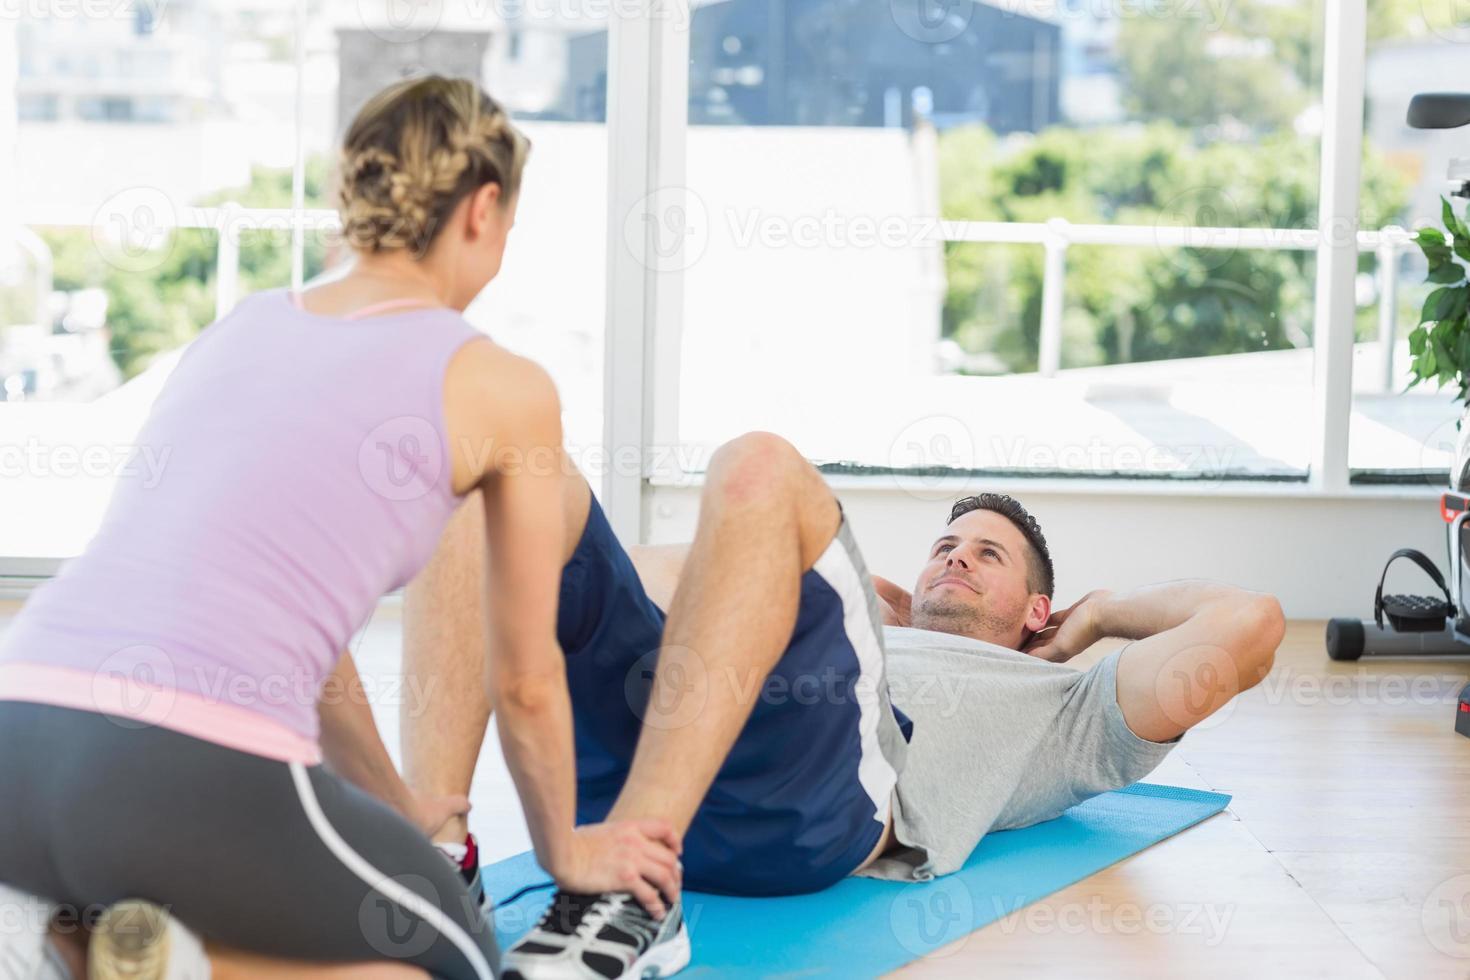 formateur aidant l'homme en forme à s'asseoir photo